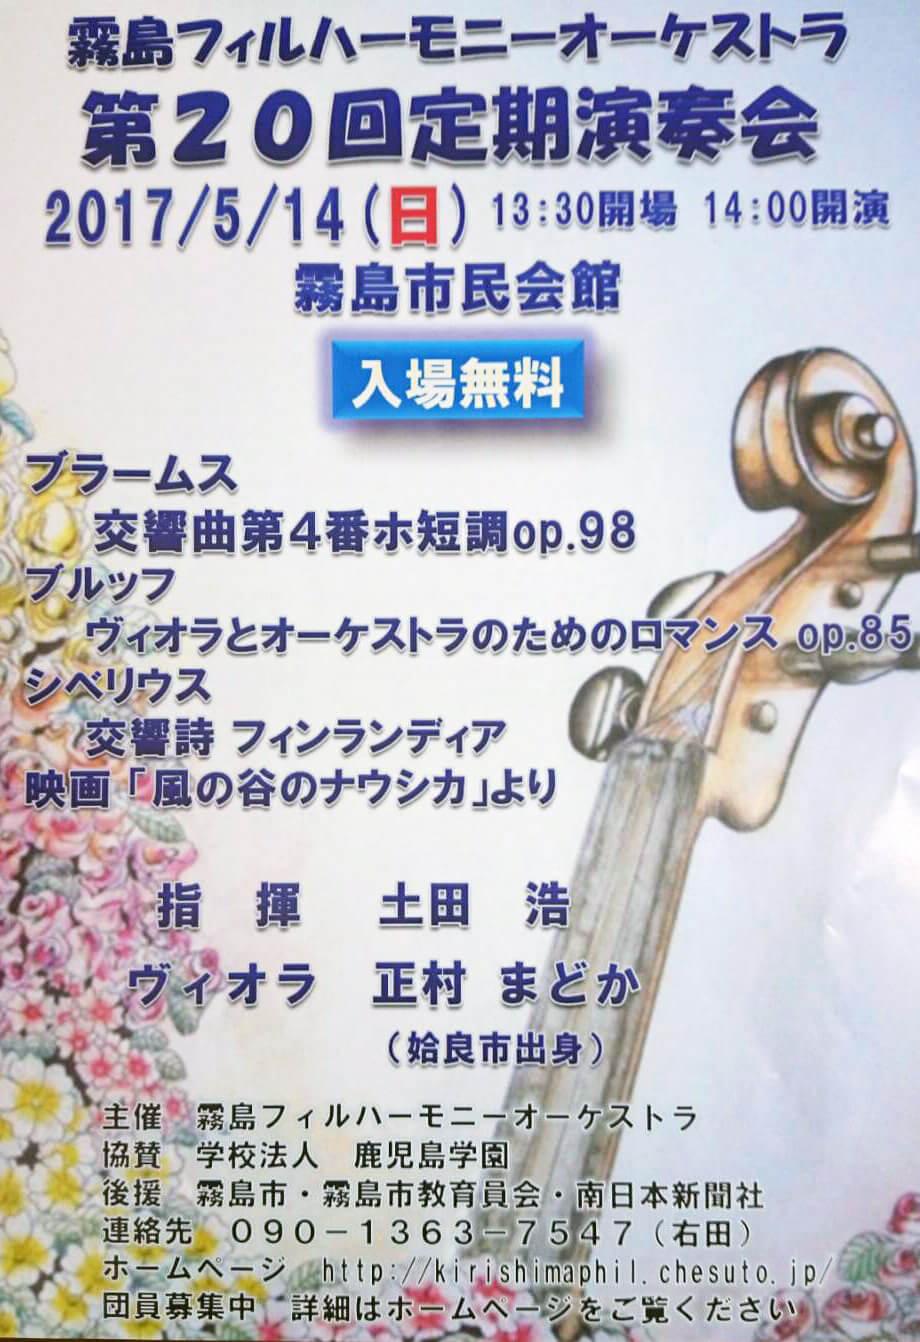 霧島フィルハーモニーオーケストラ 第20回定期演奏会 開催のお知らせ